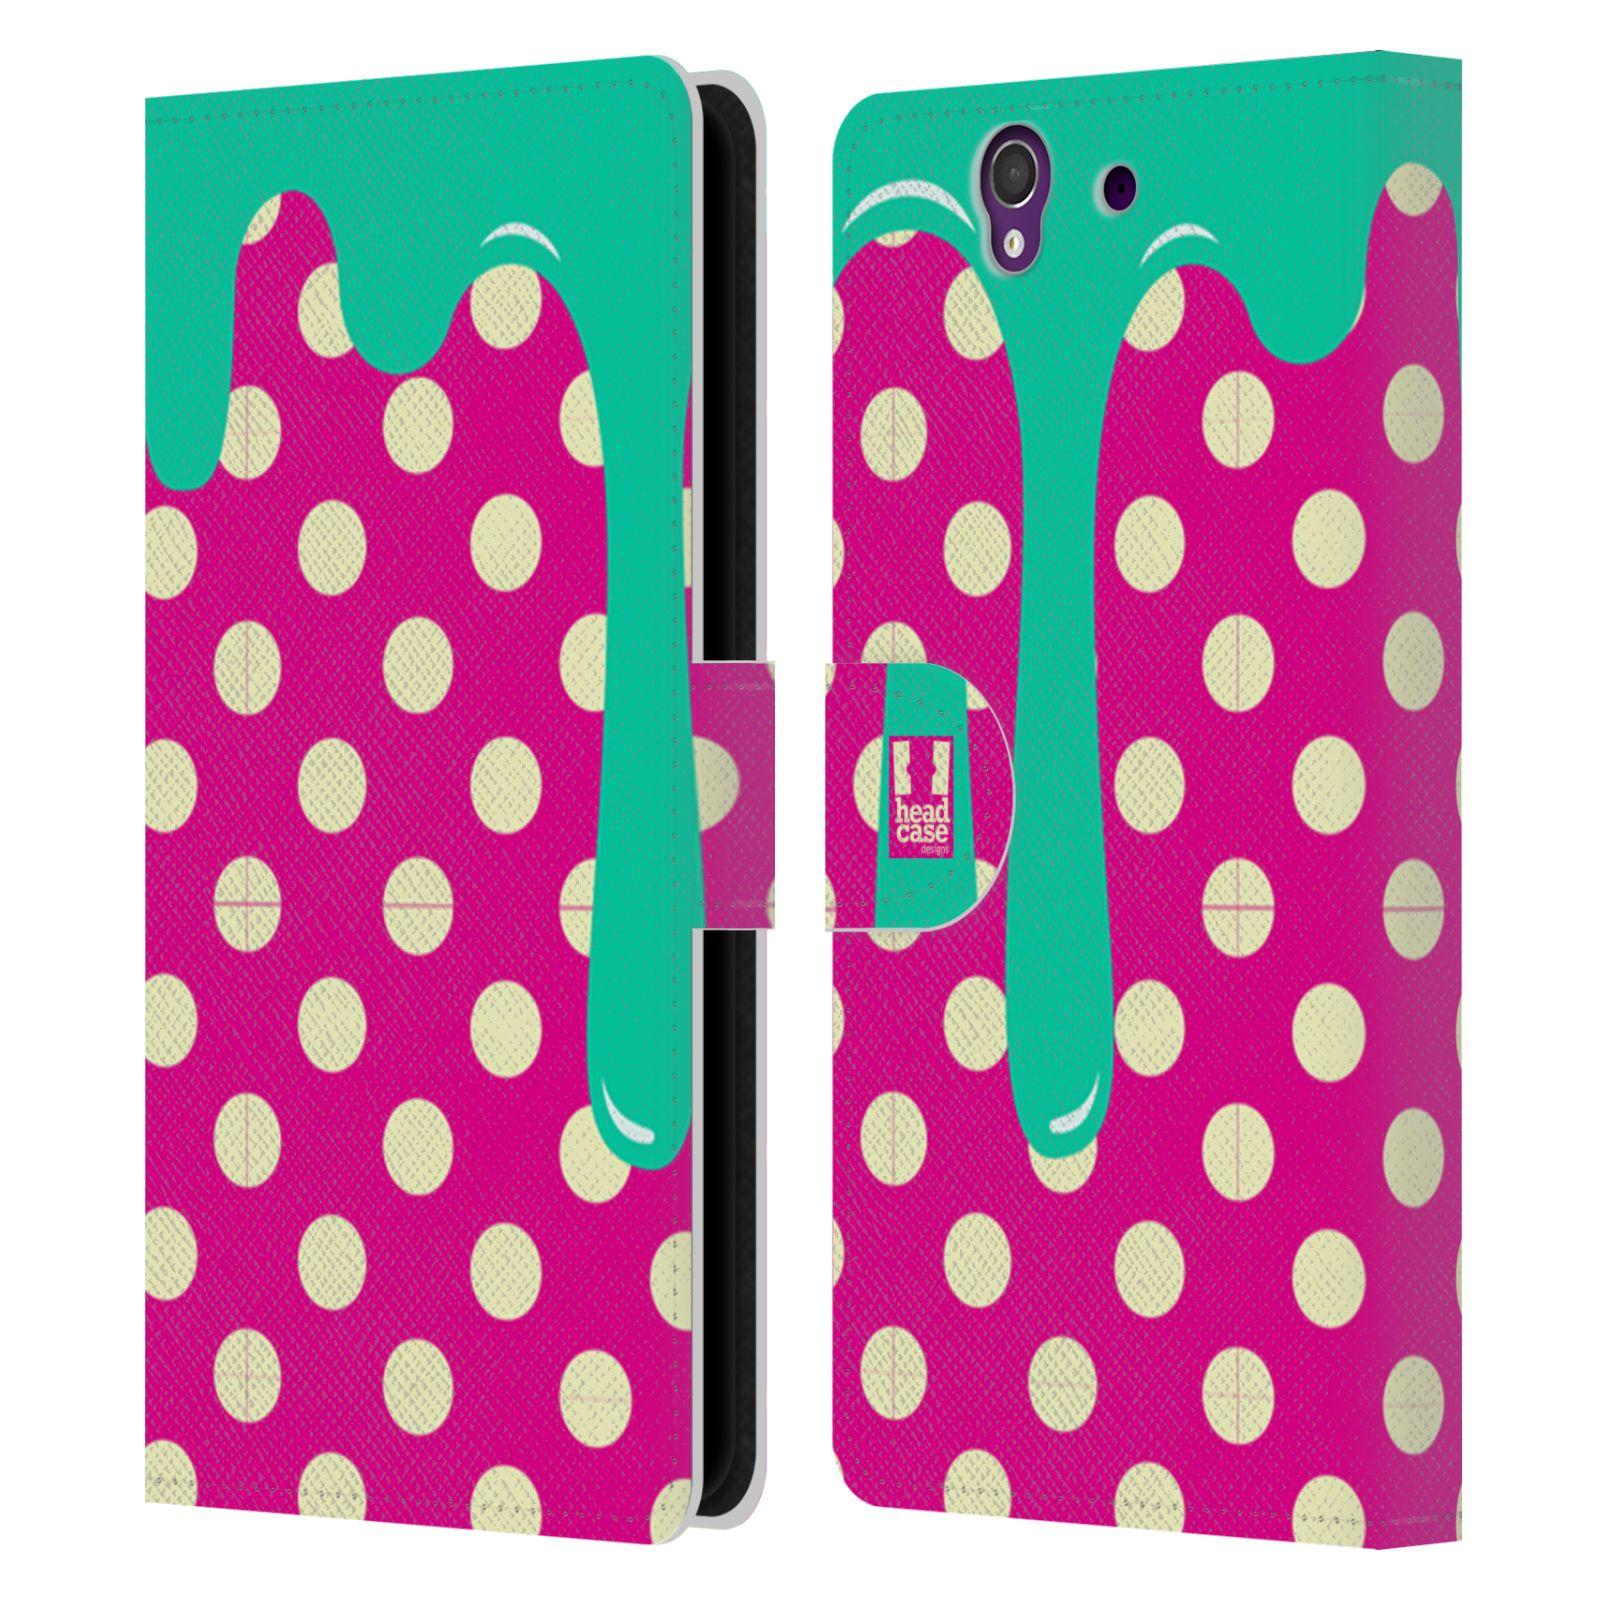 HEAD CASE Flipové pouzdro pro mobil SONY XPERIA Z (C6603) záplava barev a tvary zelená, růžová a tečky